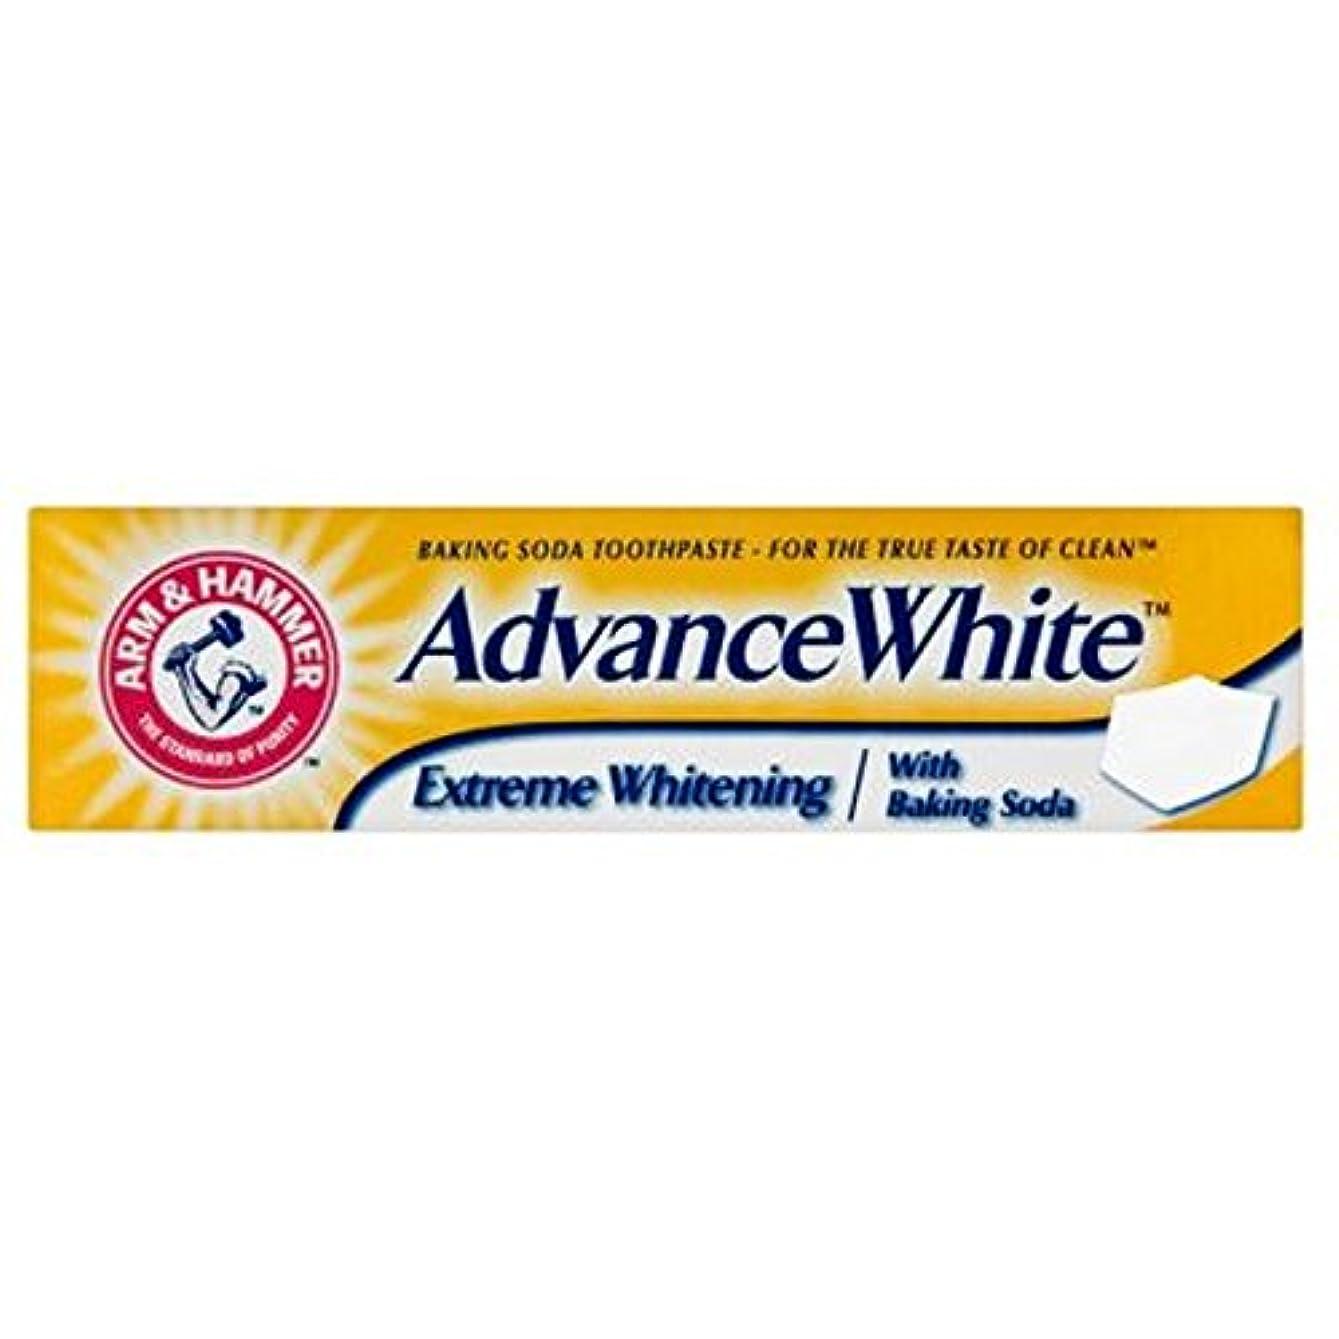 旧正月きらきら玉ねぎArm & Hammer Advance White Extreme Whitening Baking Soda Toothpaste 75ml - 重曹歯磨き粉75ミリリットルをホワイトニングアーム&ハンマー事前白極端...